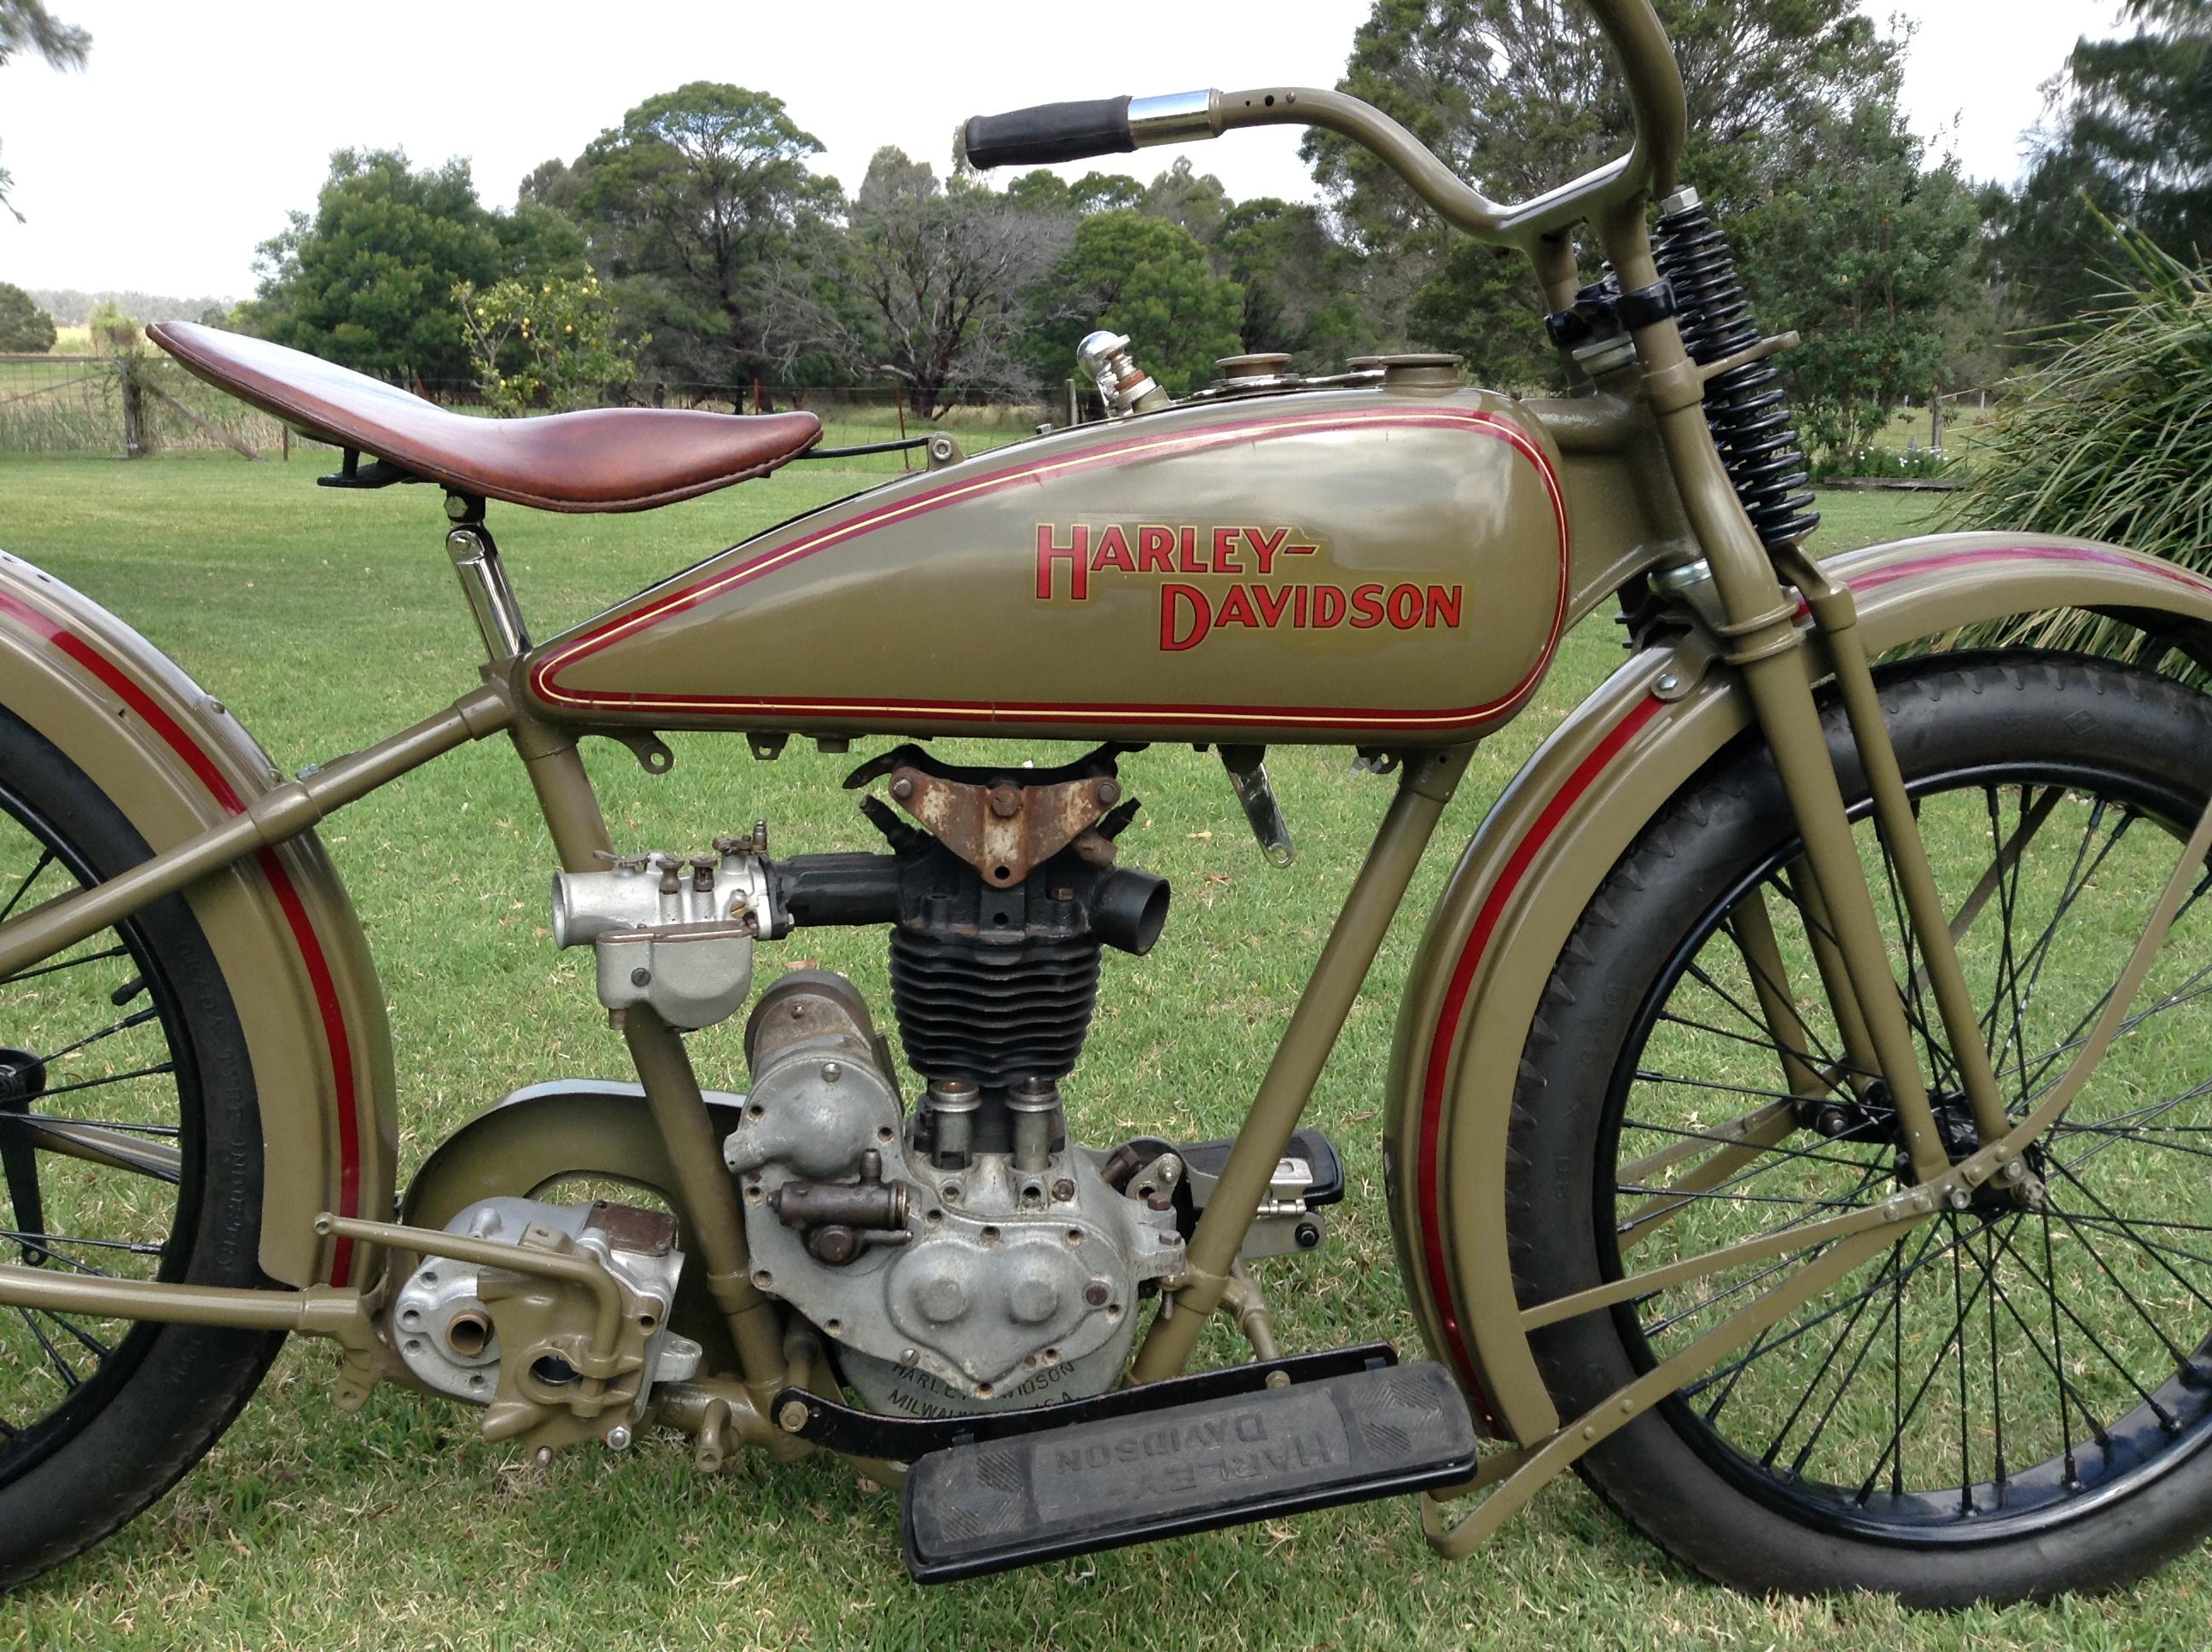 1926 Harley Davidson Ohv Peashooter Sold: 1926 350cc Harley Davidson OHV1926 AA Harley Davidson OHV